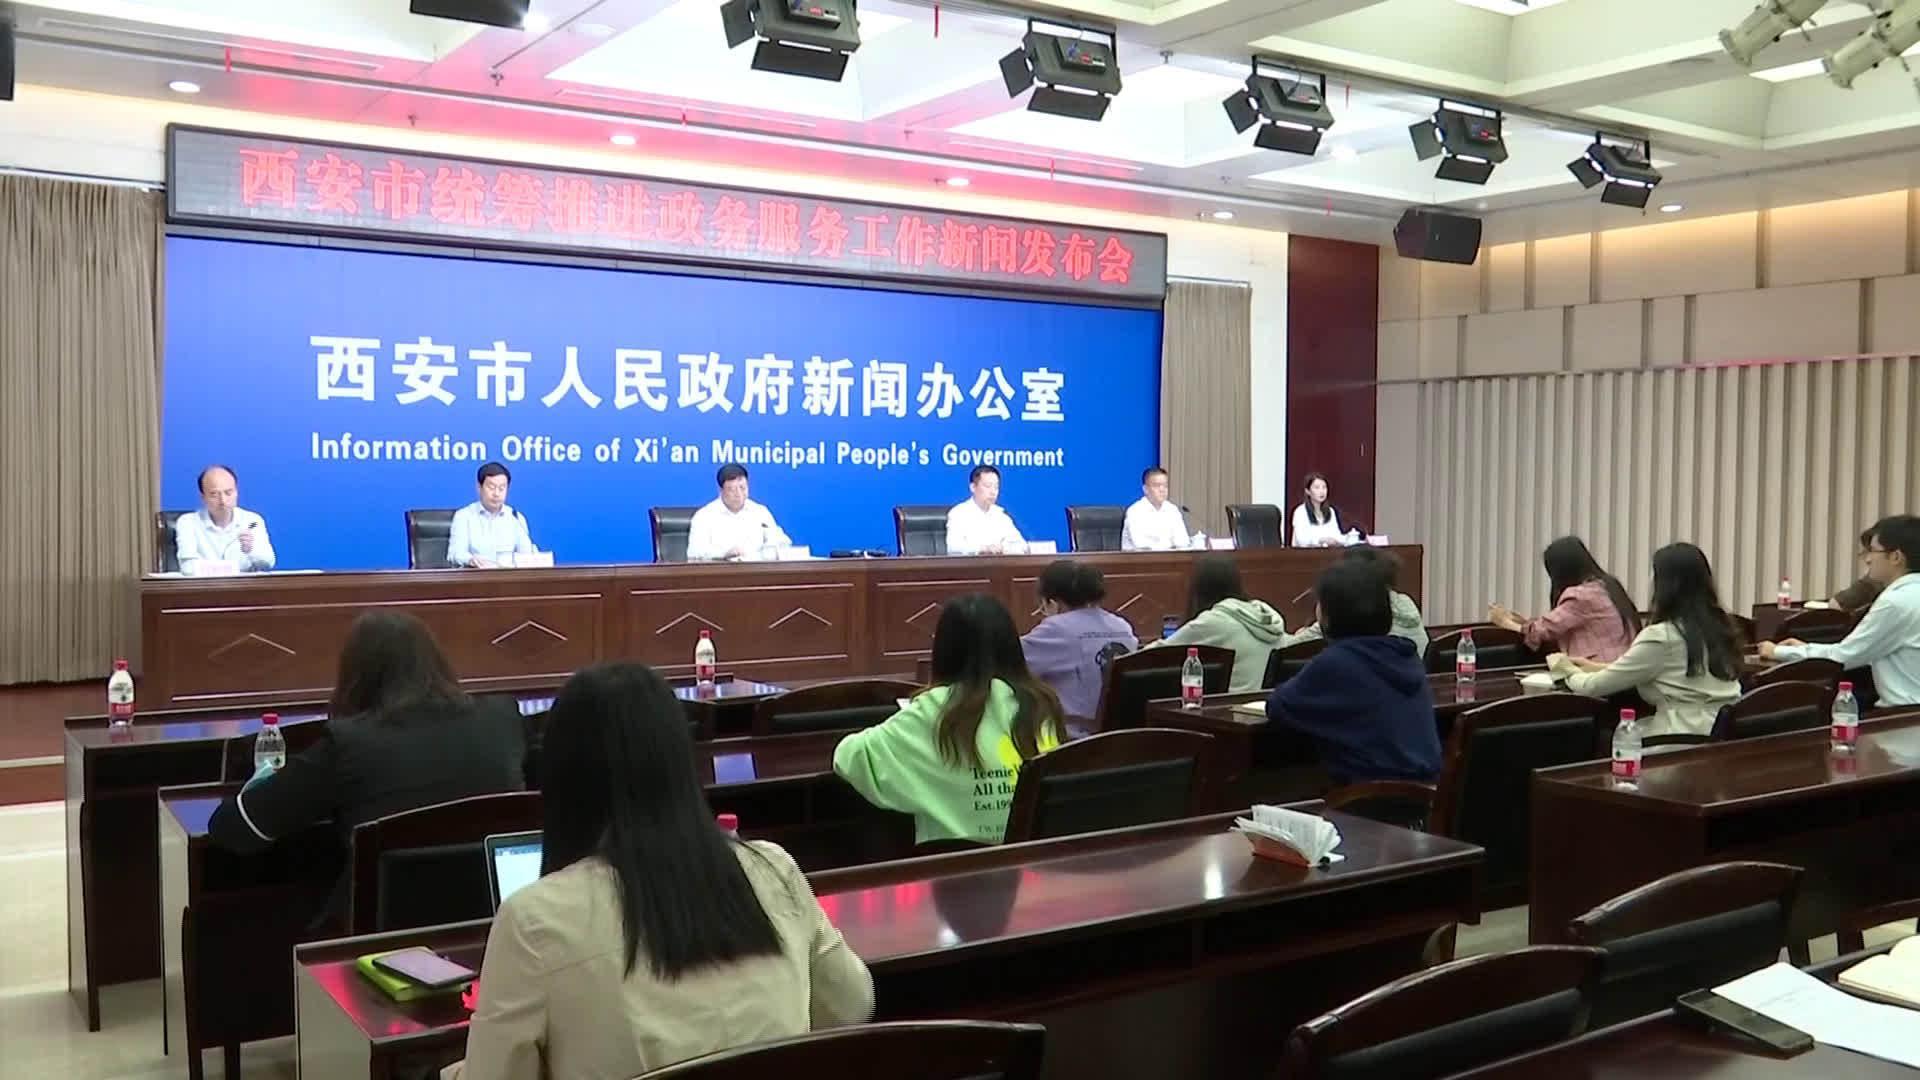 西安举行统筹推进政务服务工作新闻发布会